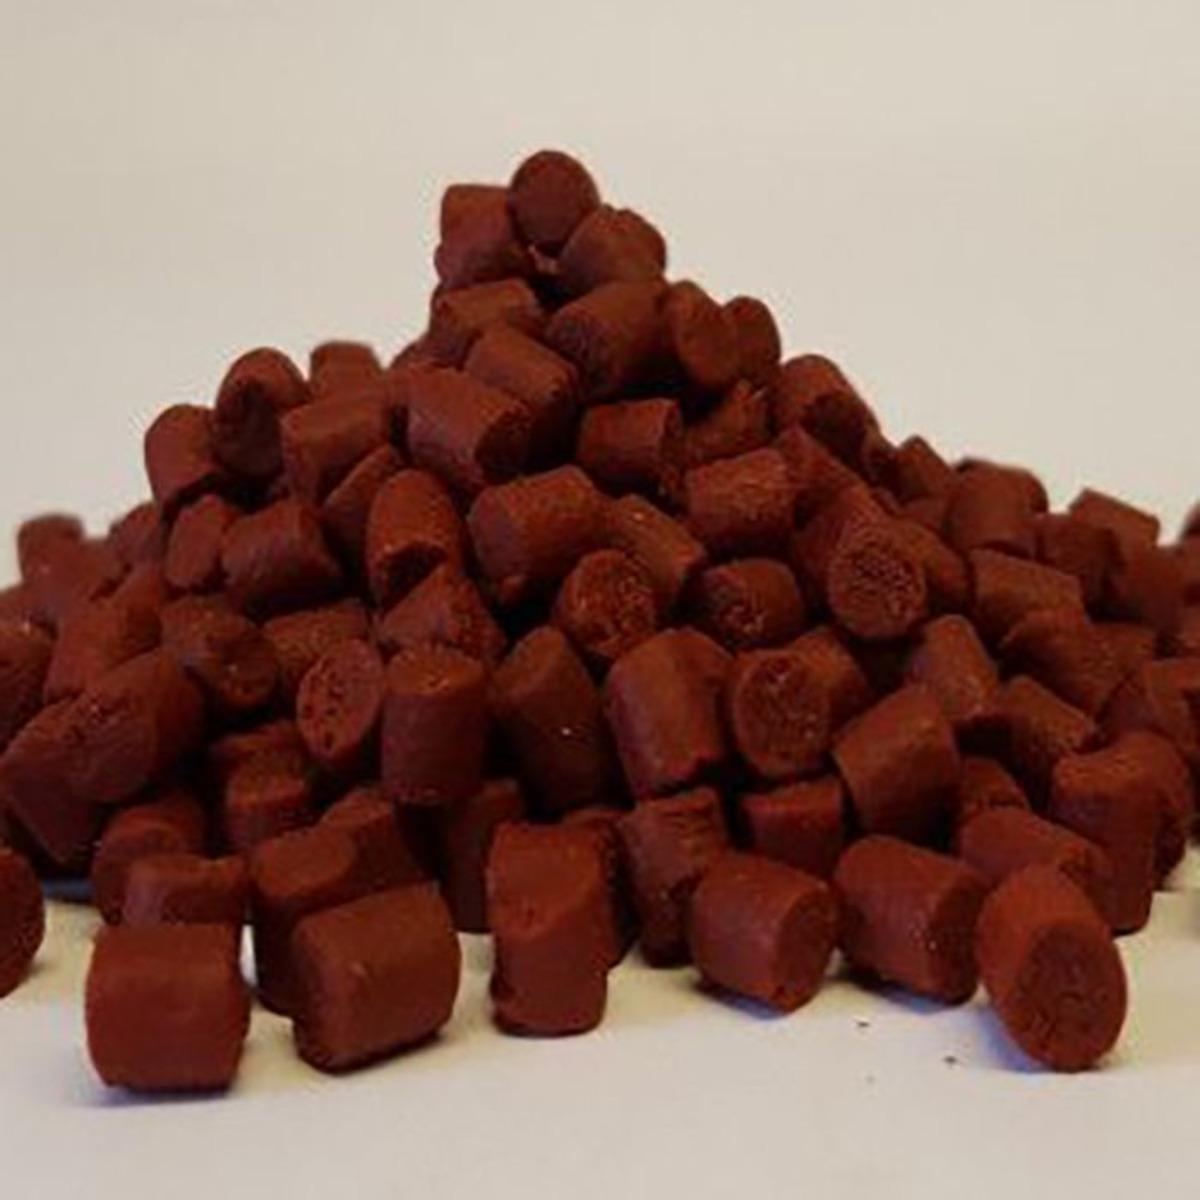 CC Moore Equinox Pellets - 2 mm - 1 Kg